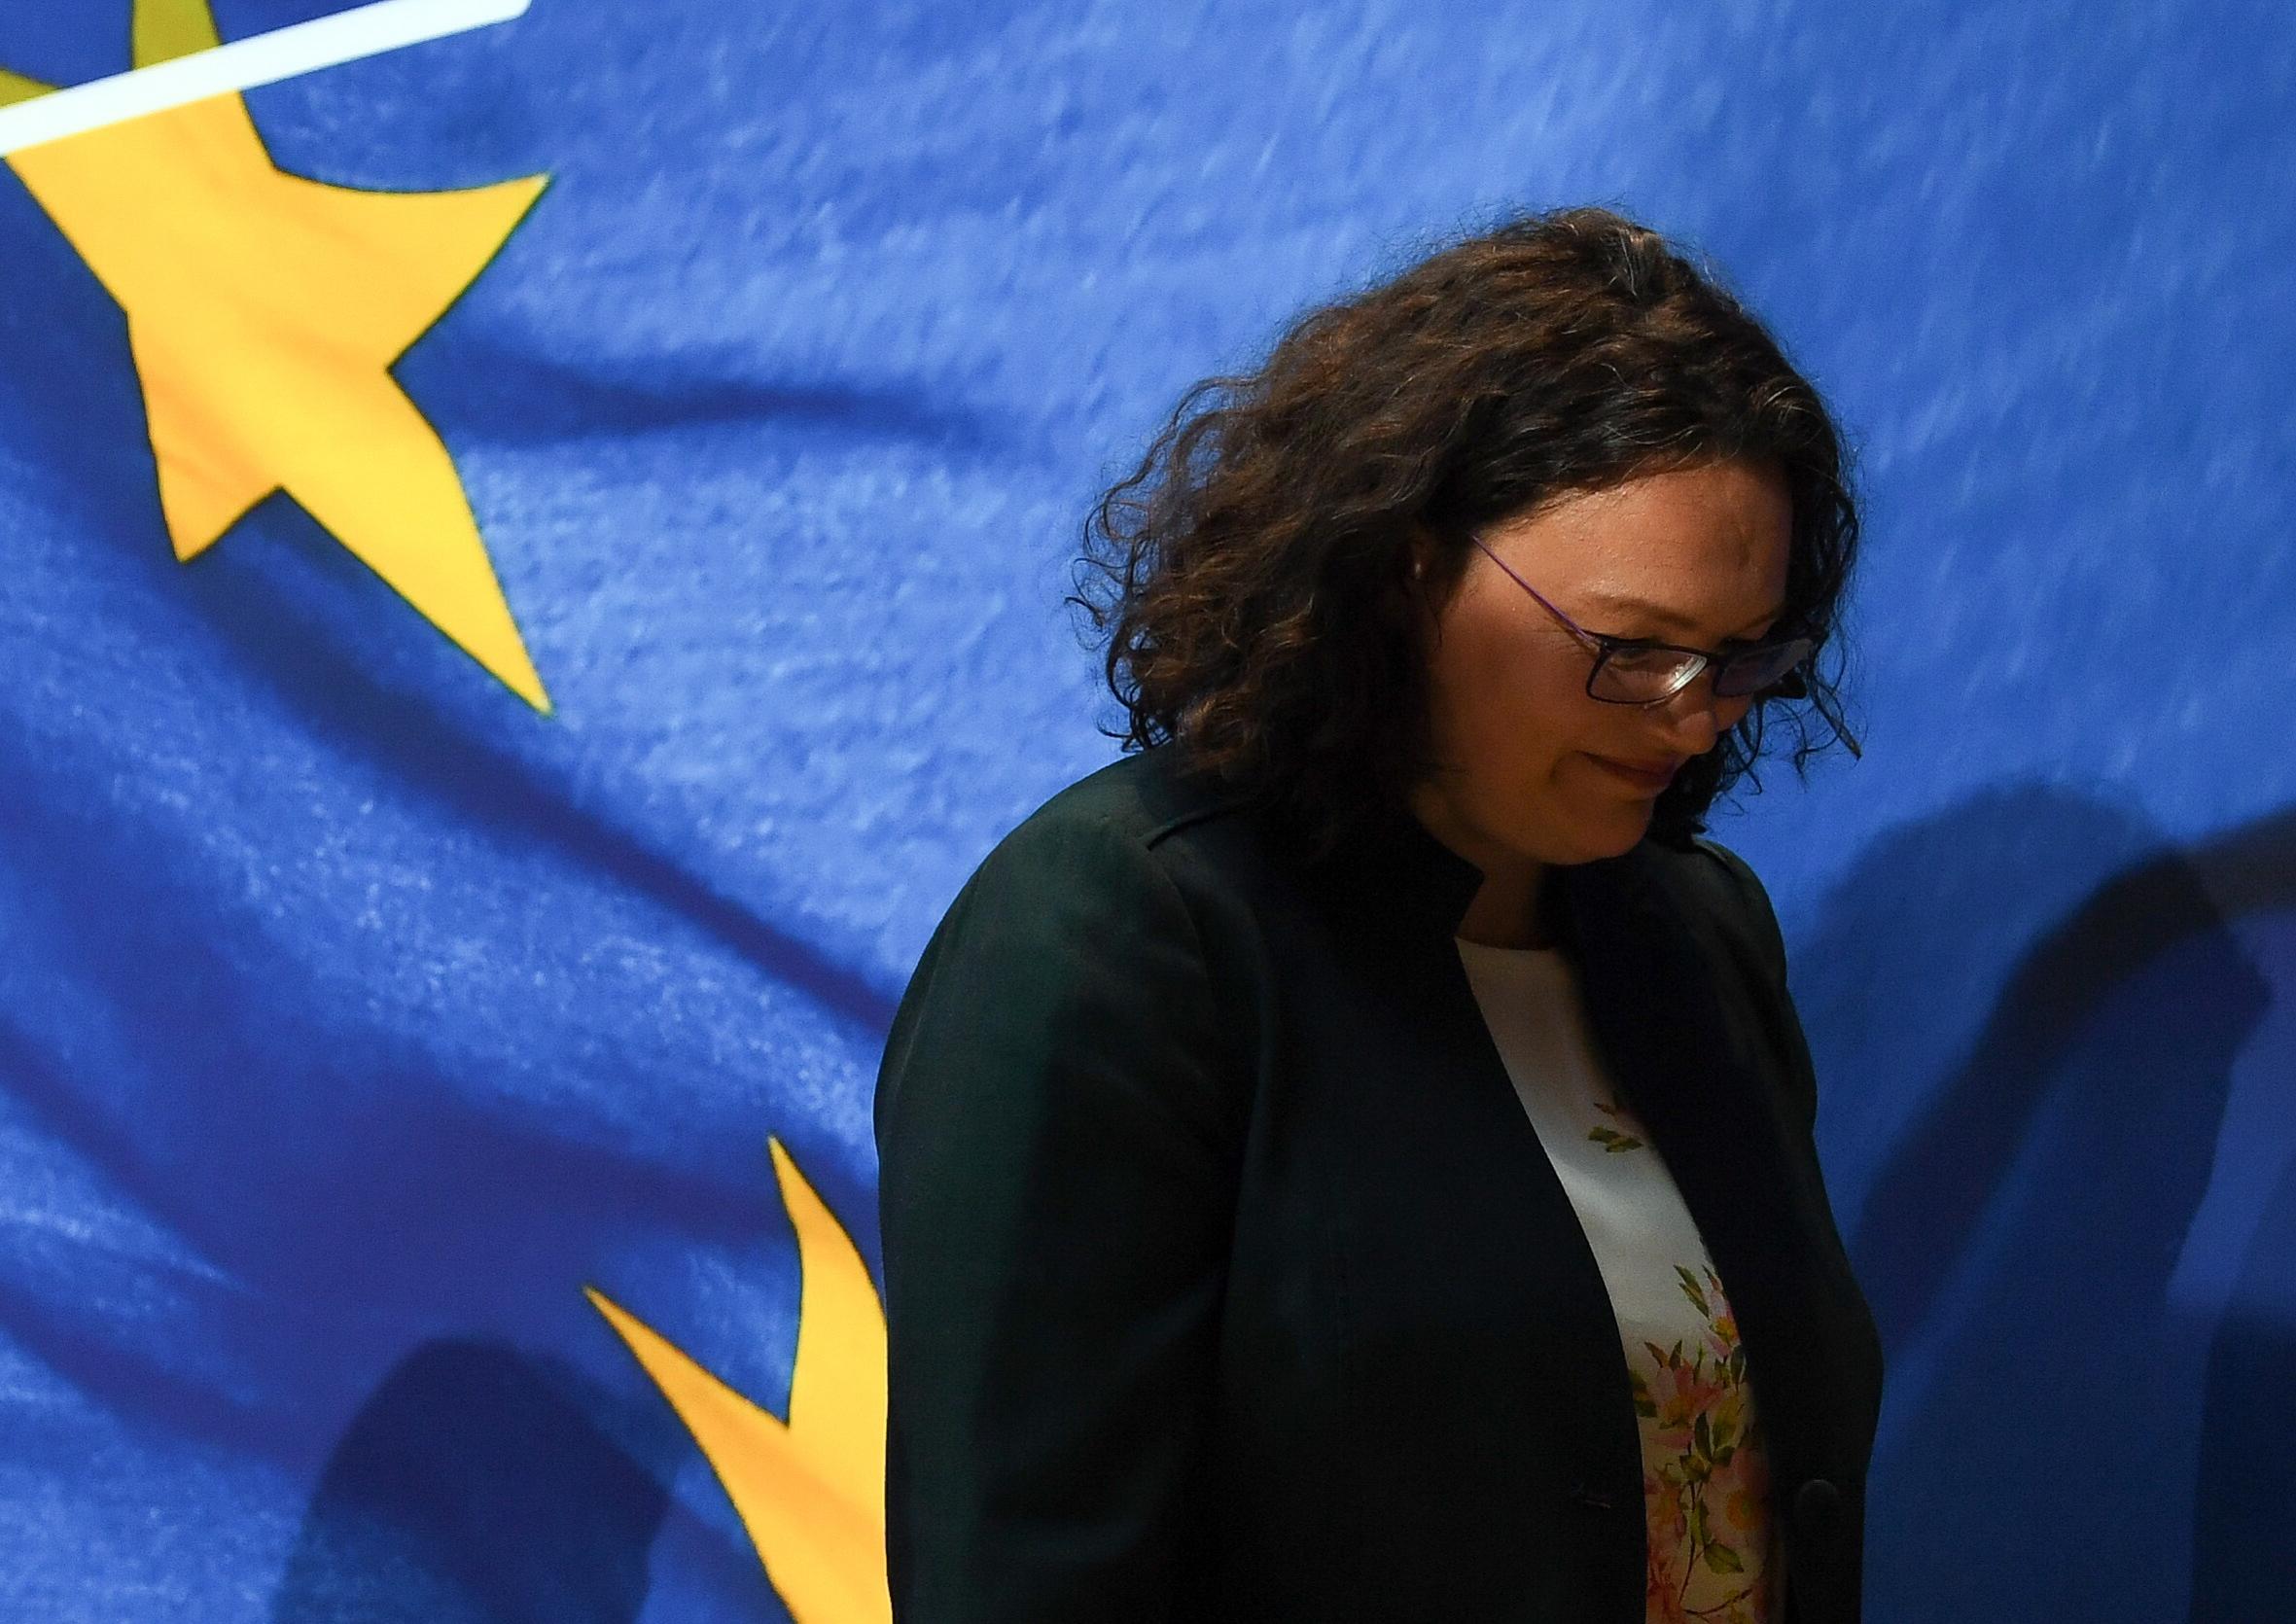 ektimiseis-gia-tin-katanomi-ton-edron-sto-neo-eyrokoinovoylio-amp-8211-ta-prota-exit-polls5